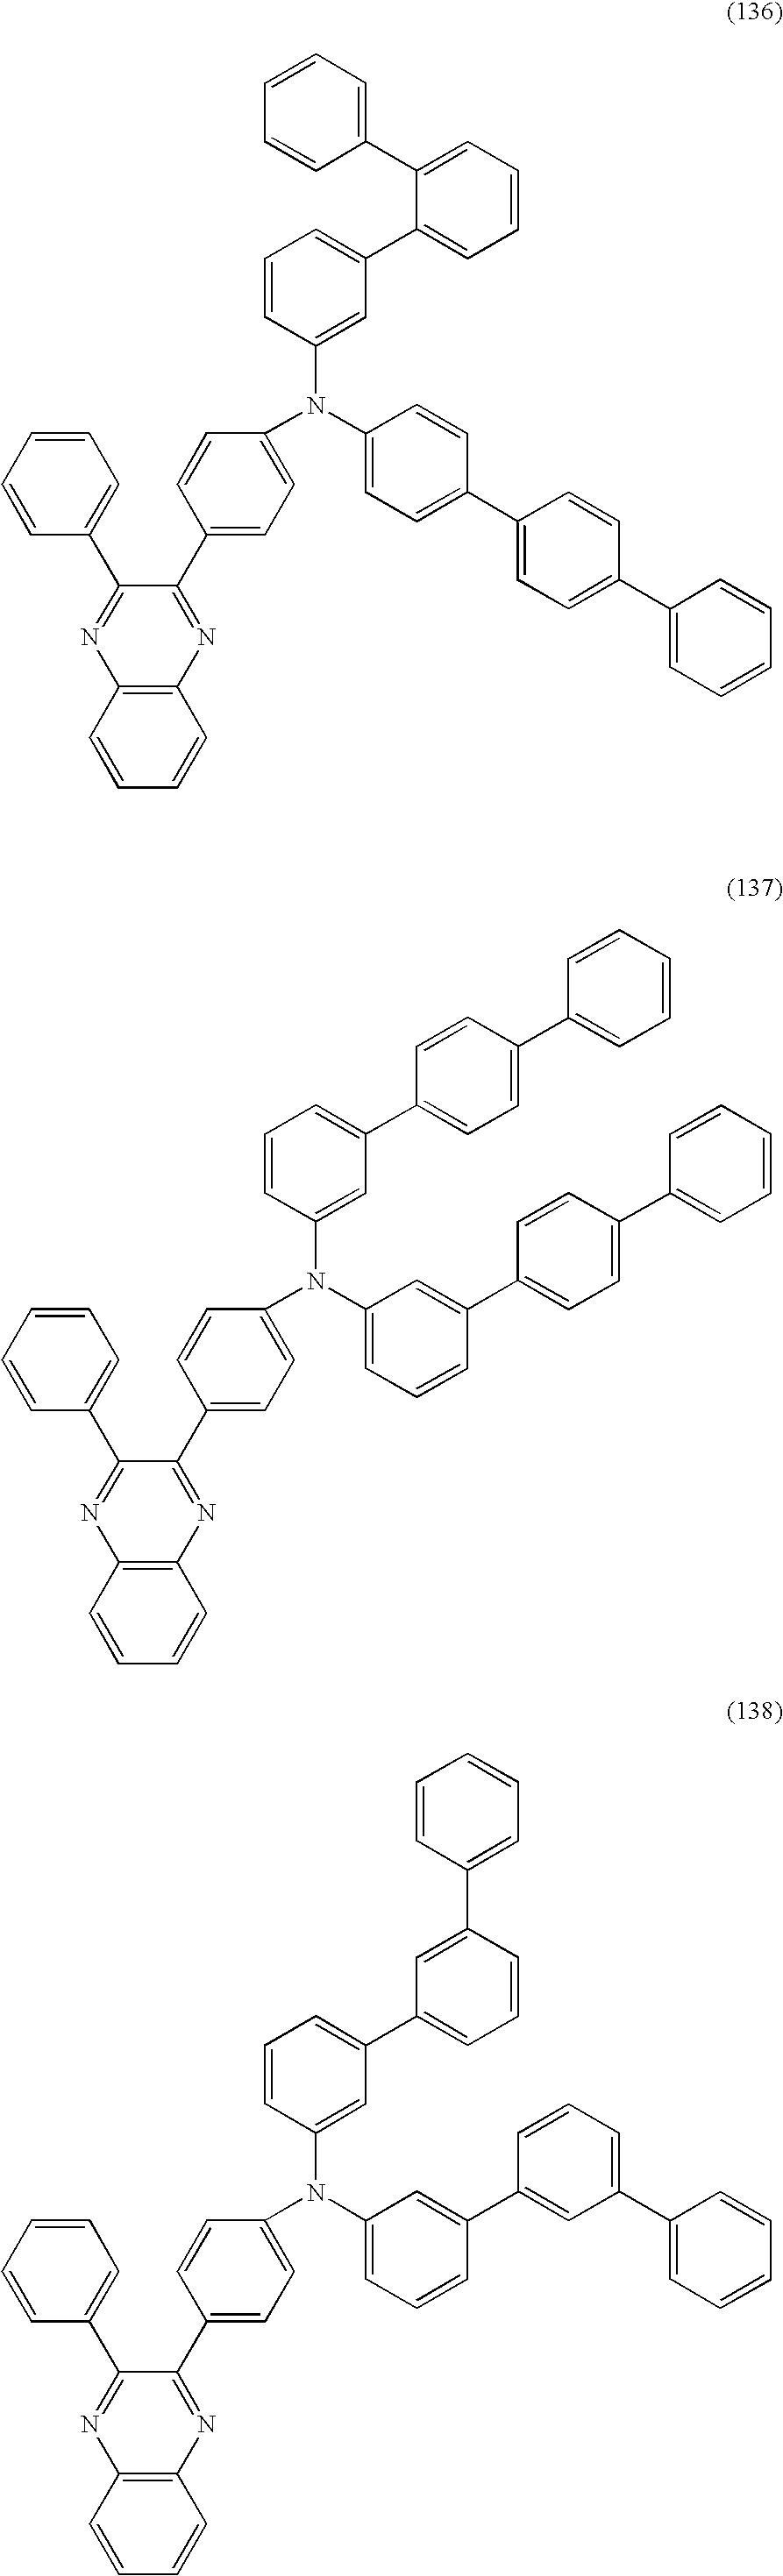 Figure US08178216-20120515-C00048